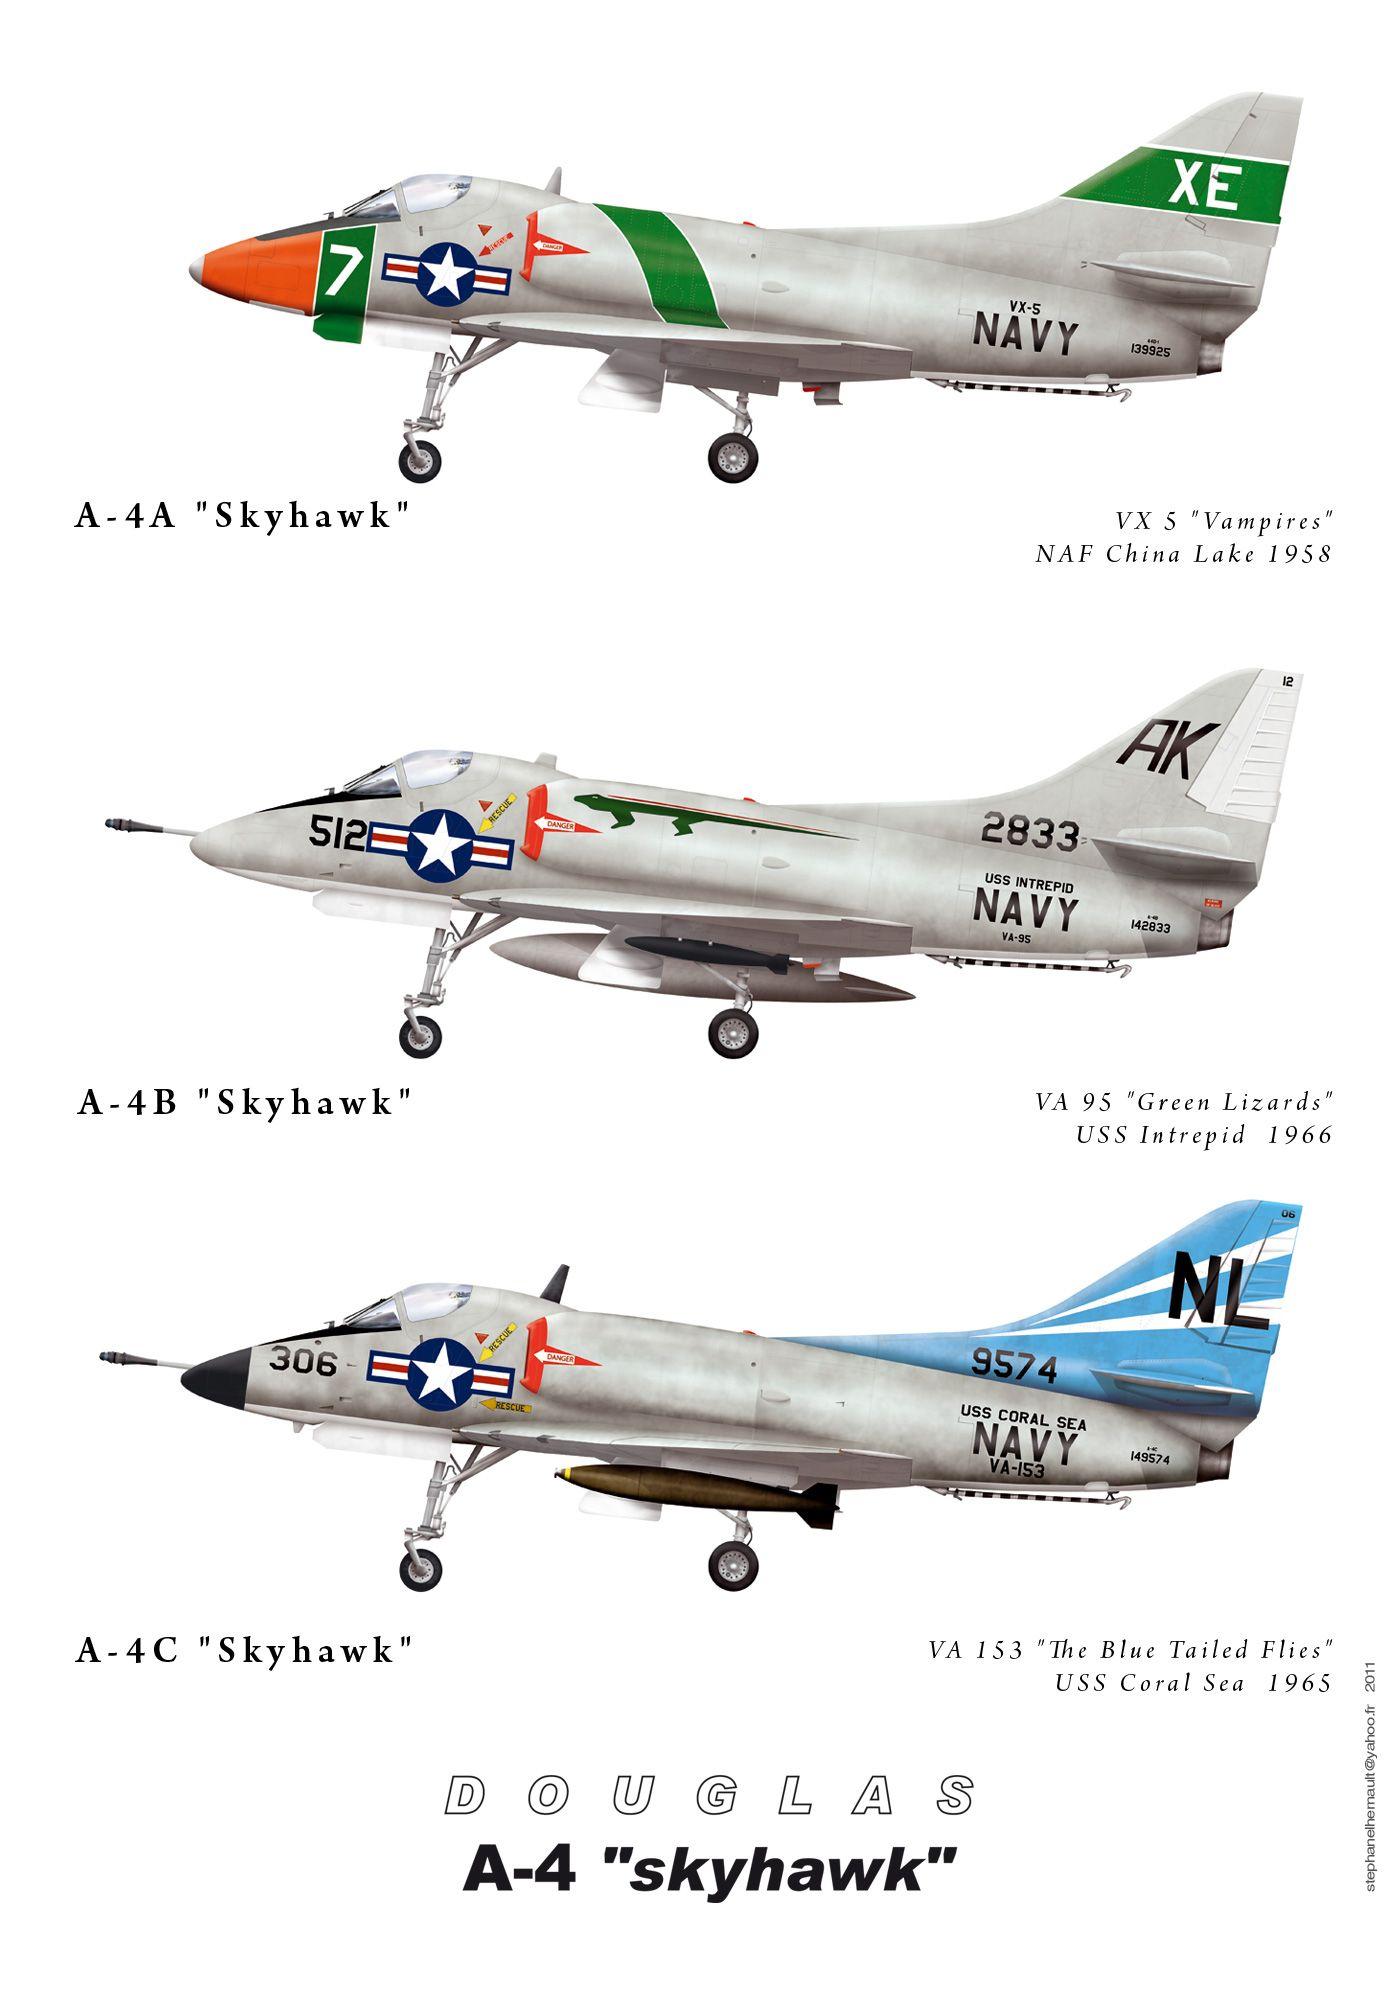 Douglas A-4 Skyhawk : douglas, skyhawk, Skyhawk, Military, Aircraft,, Fighter, Jets,, Aircraft, Carrier